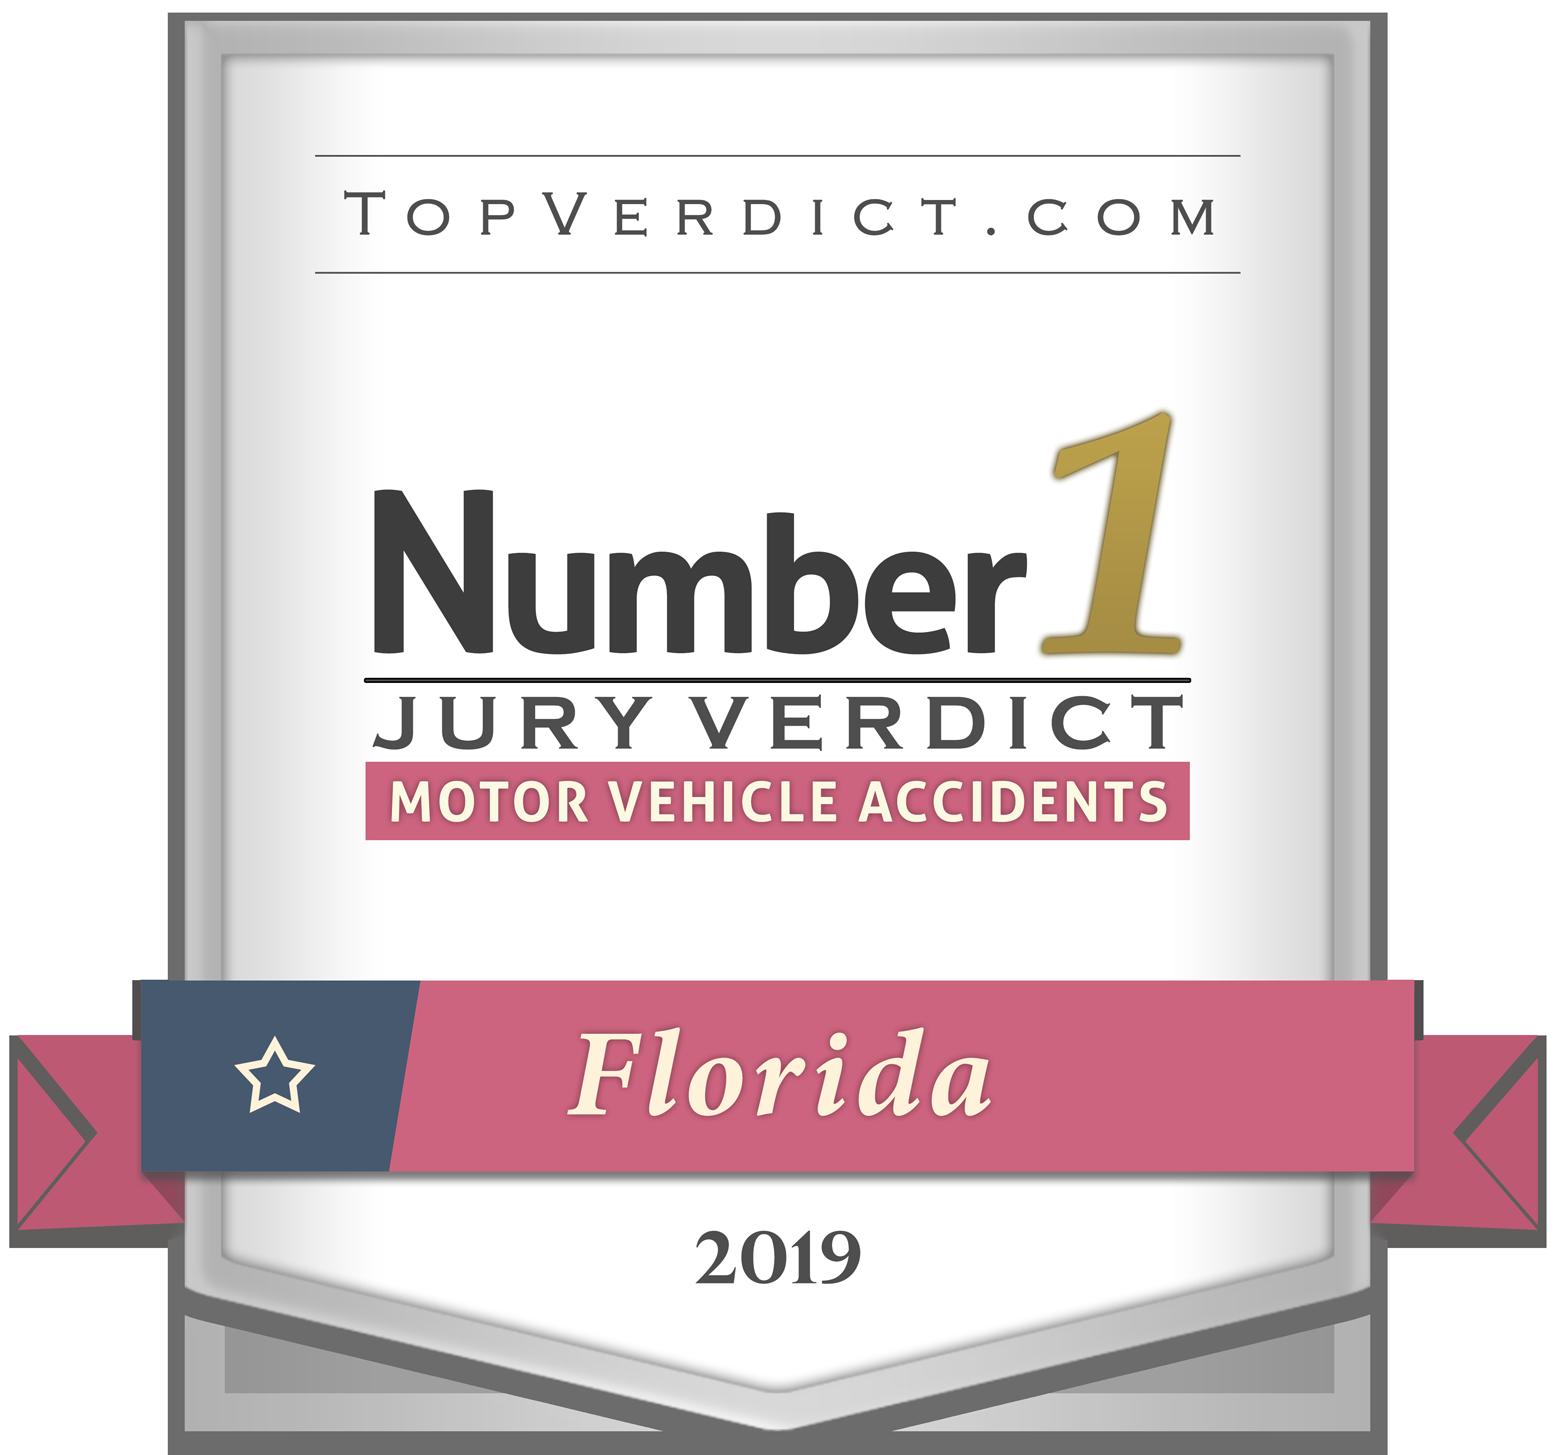 Large Top Verdict Award Badge